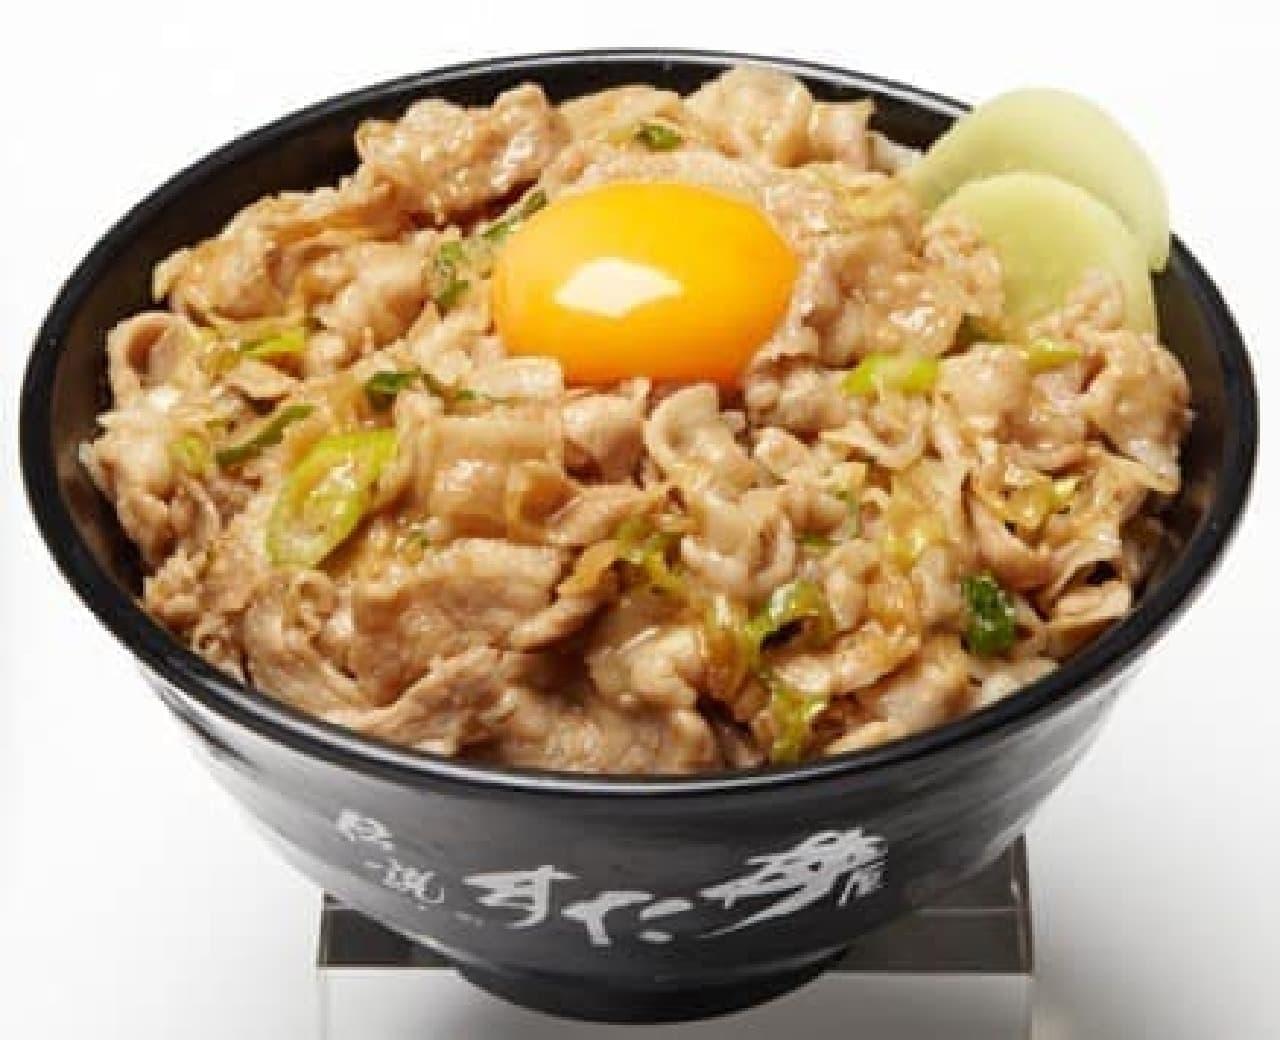 元祖スタ丼の店 国分寺店「すた丼」